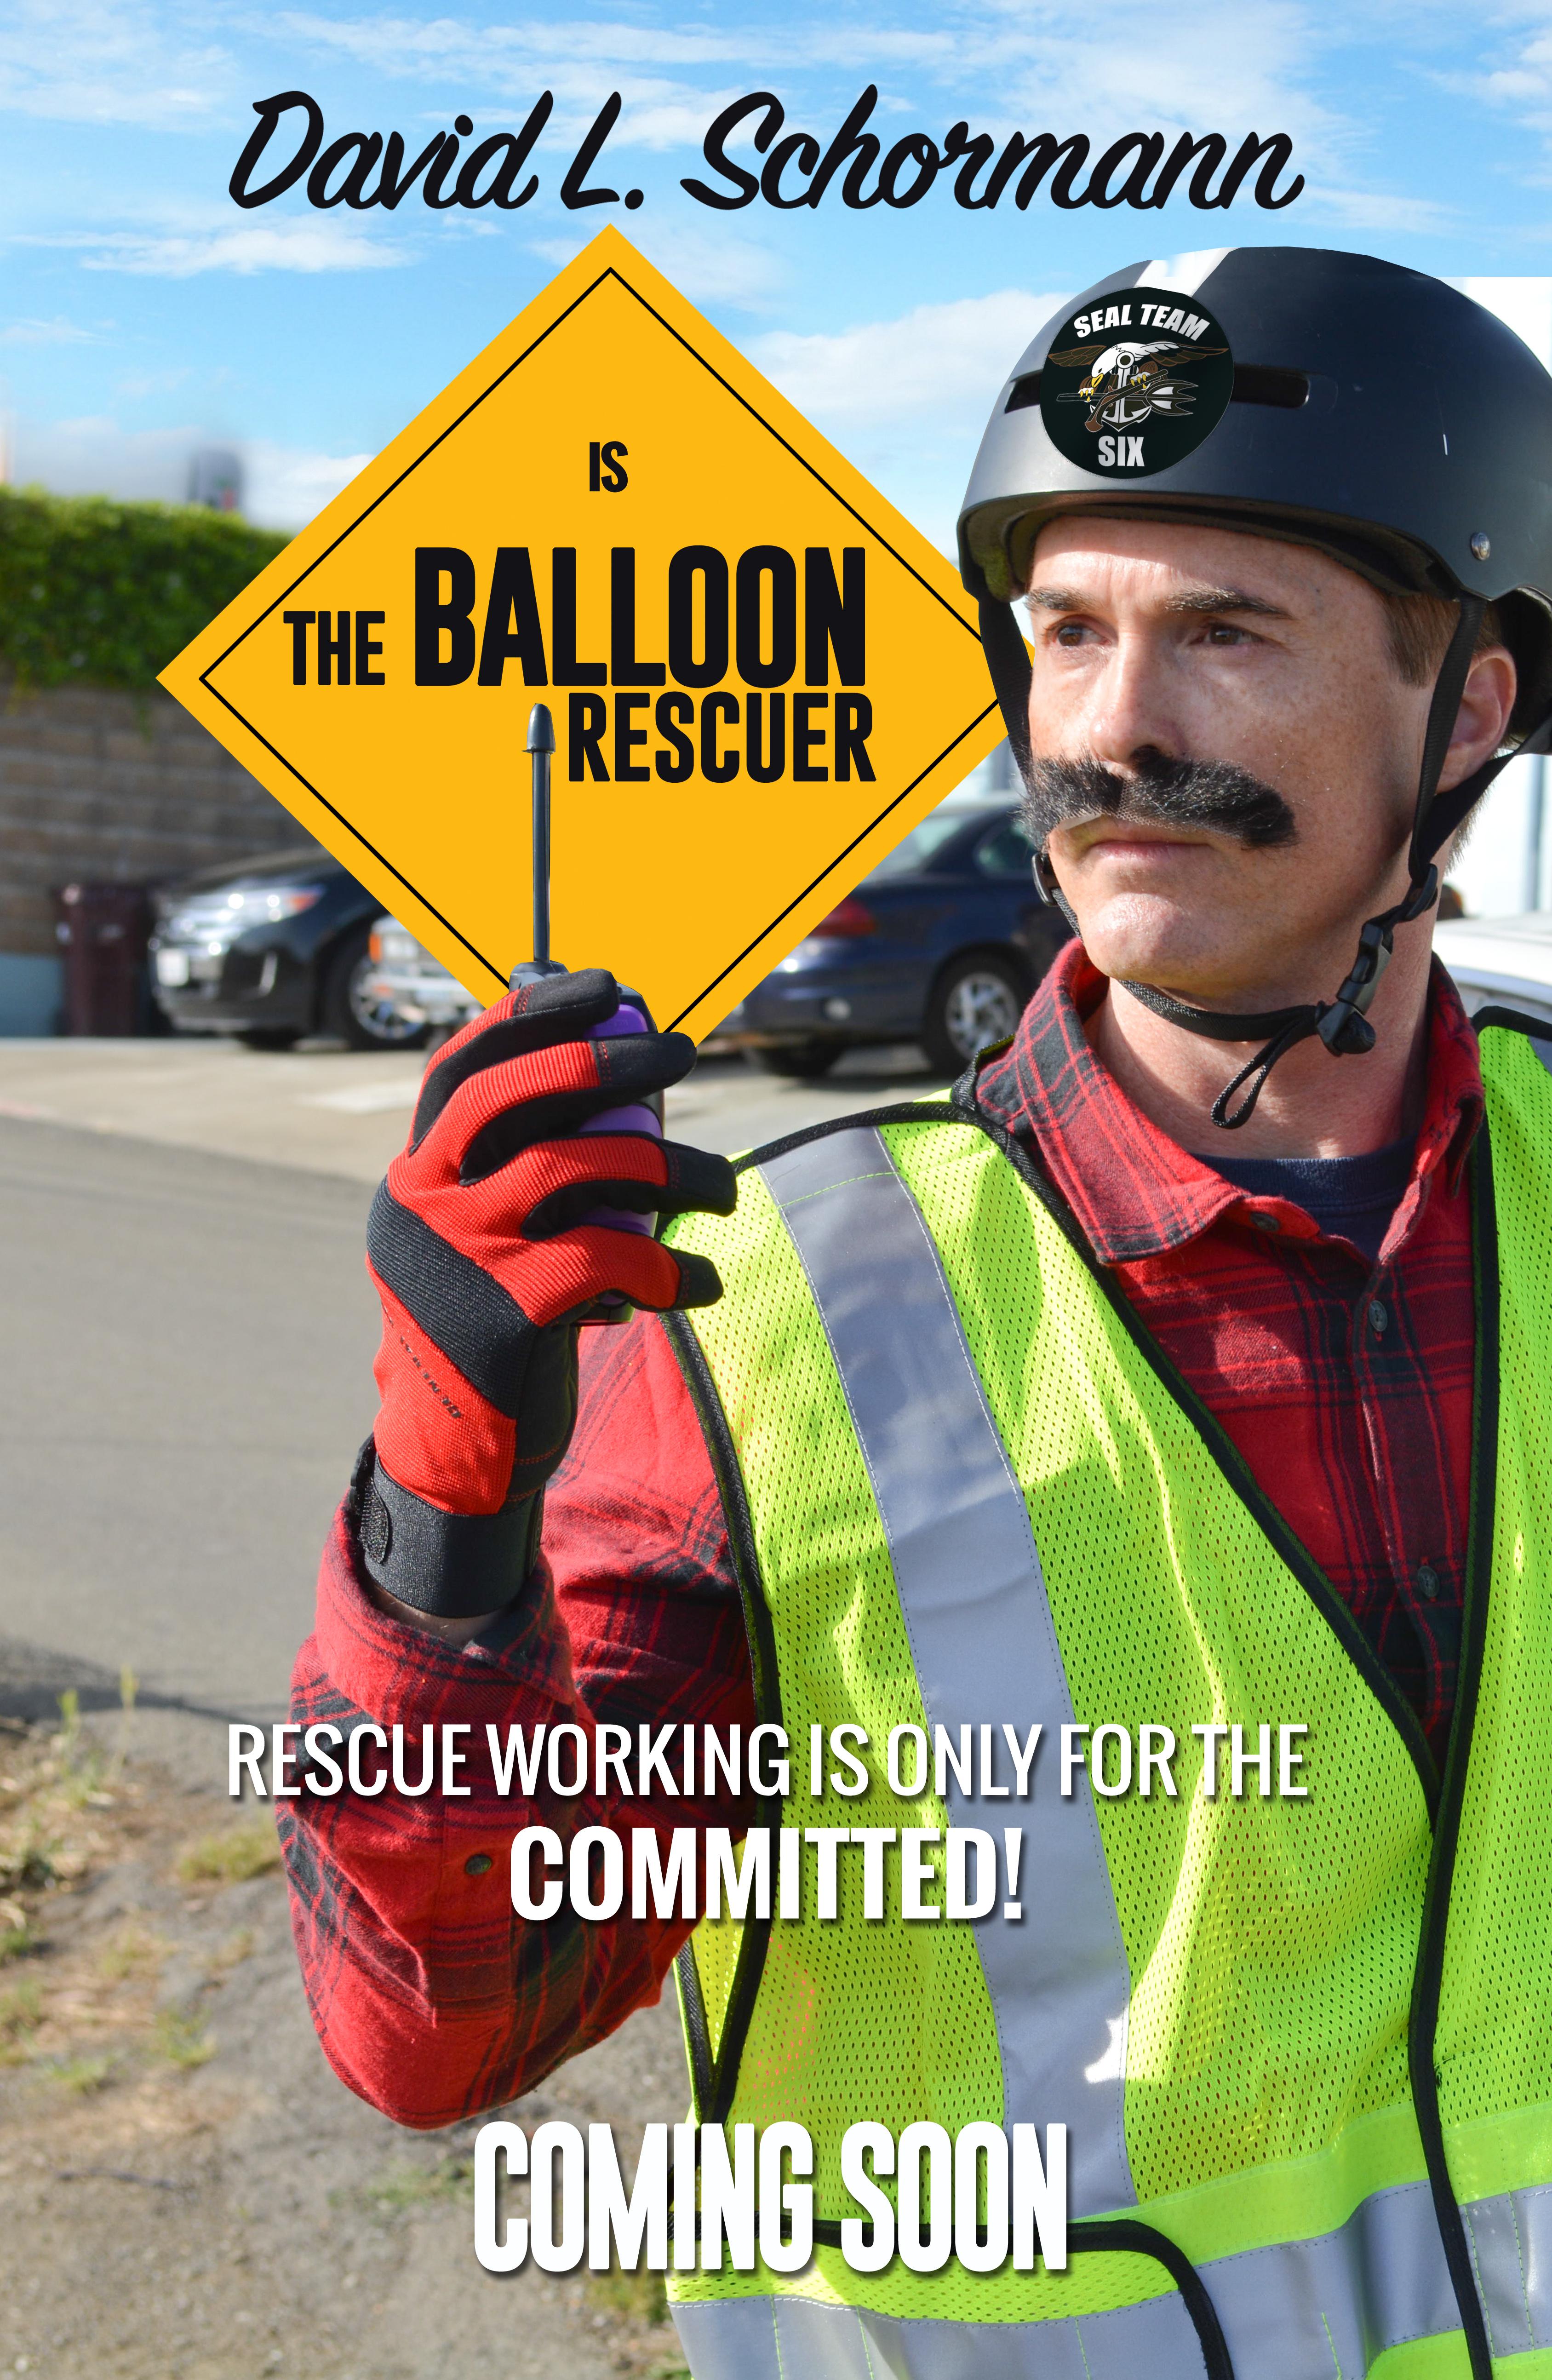 David L. Schormann in Balloon Rescuer (2017)